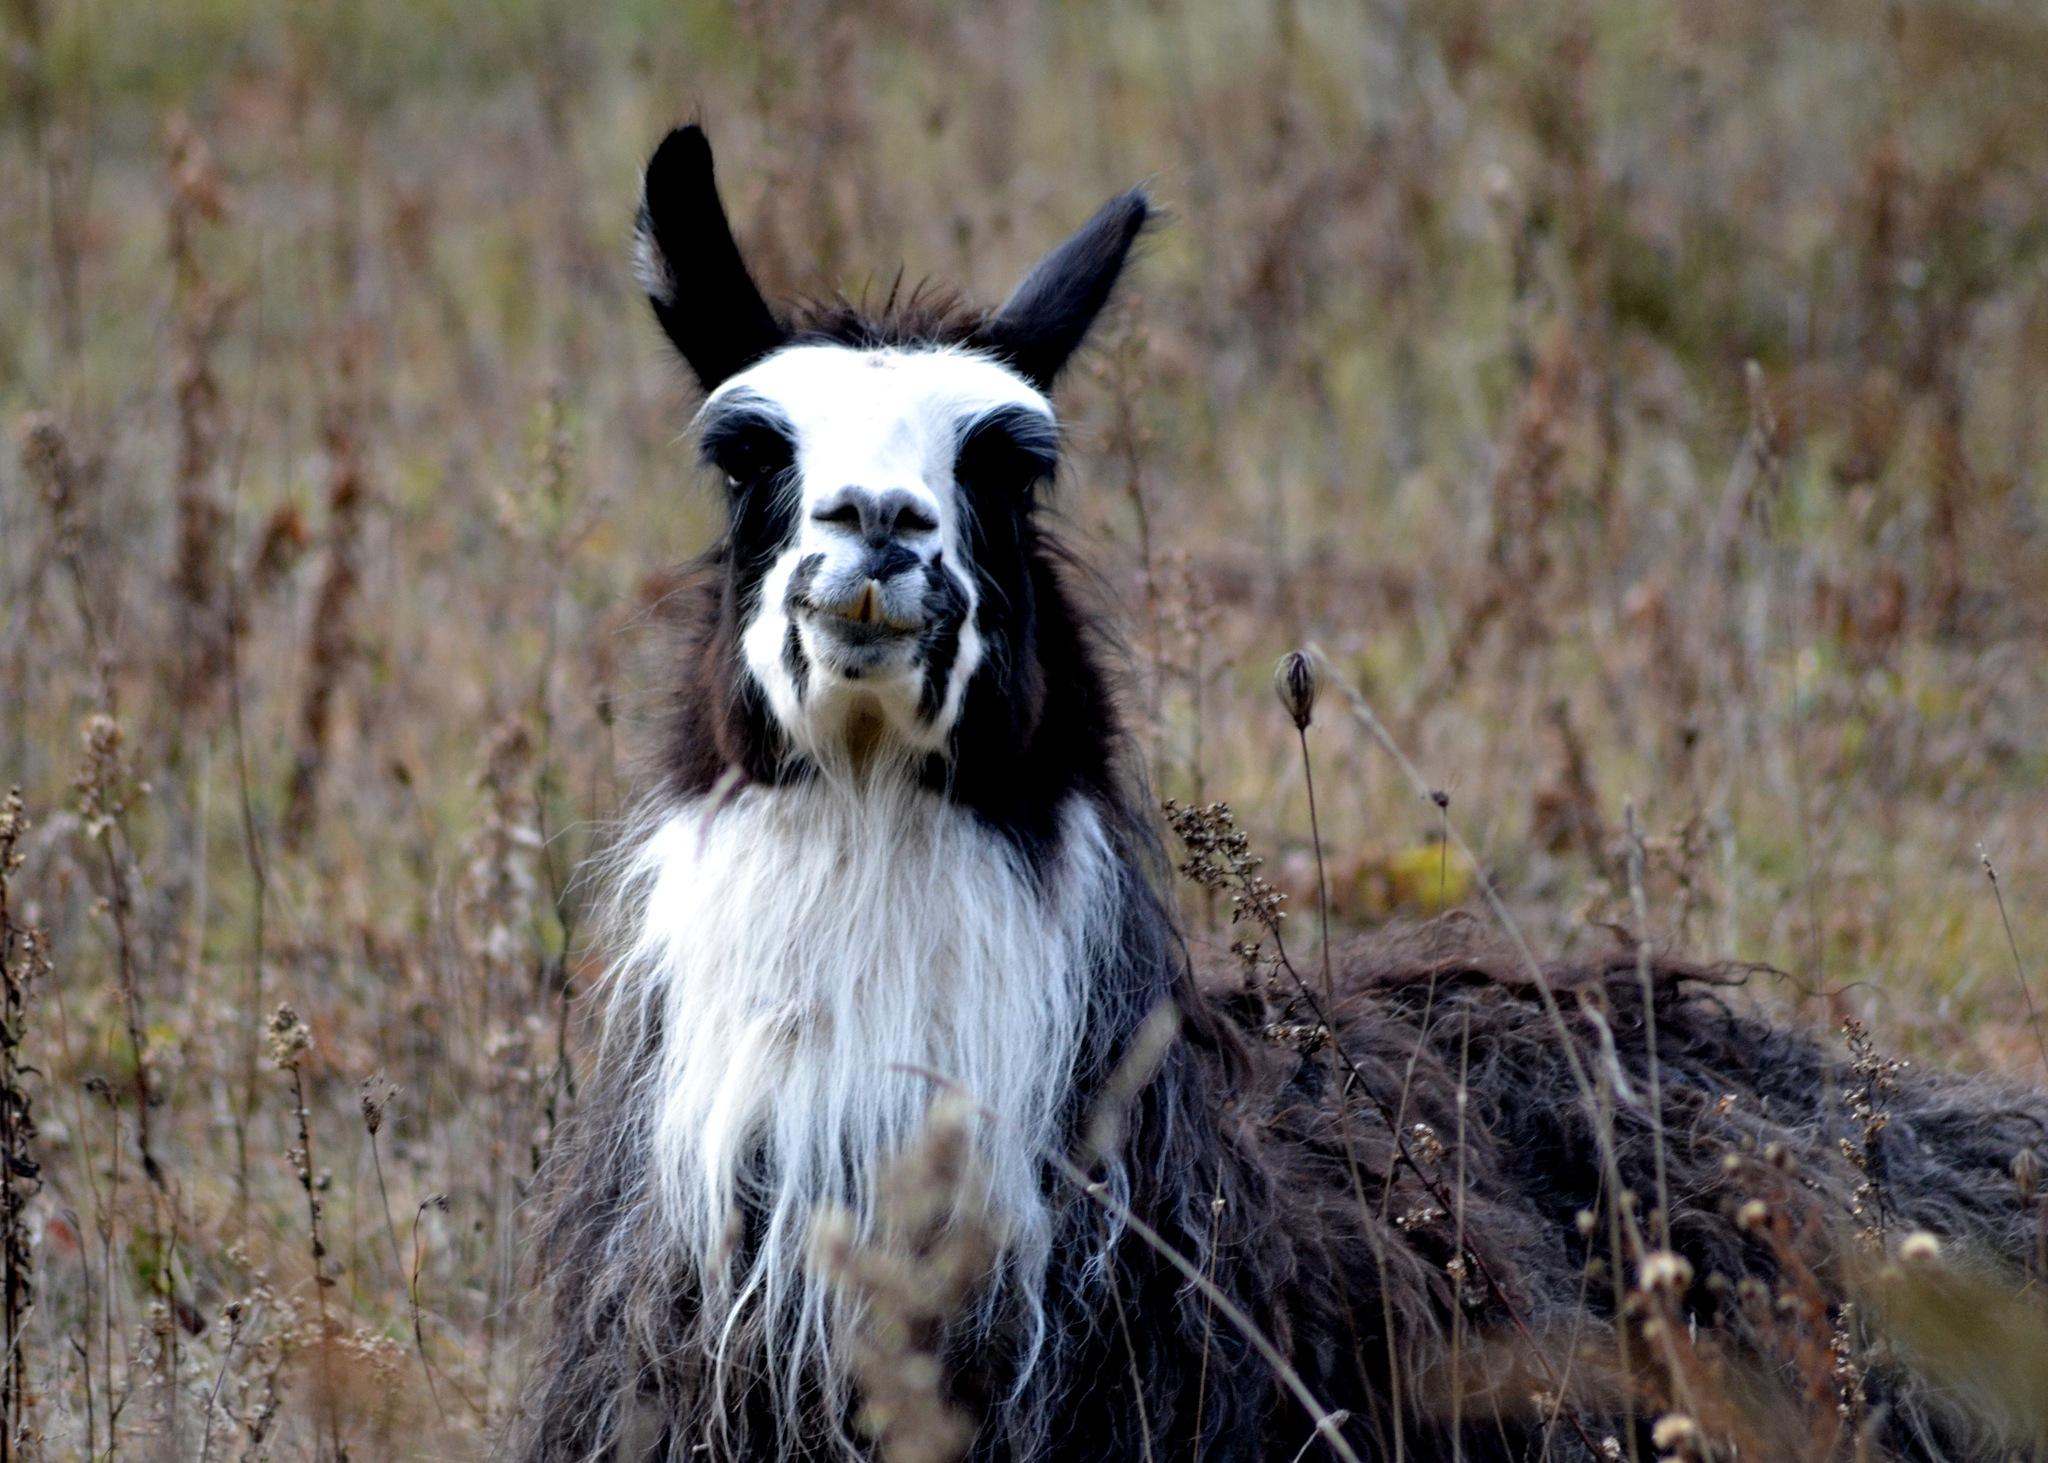 Llama by Steve Webb